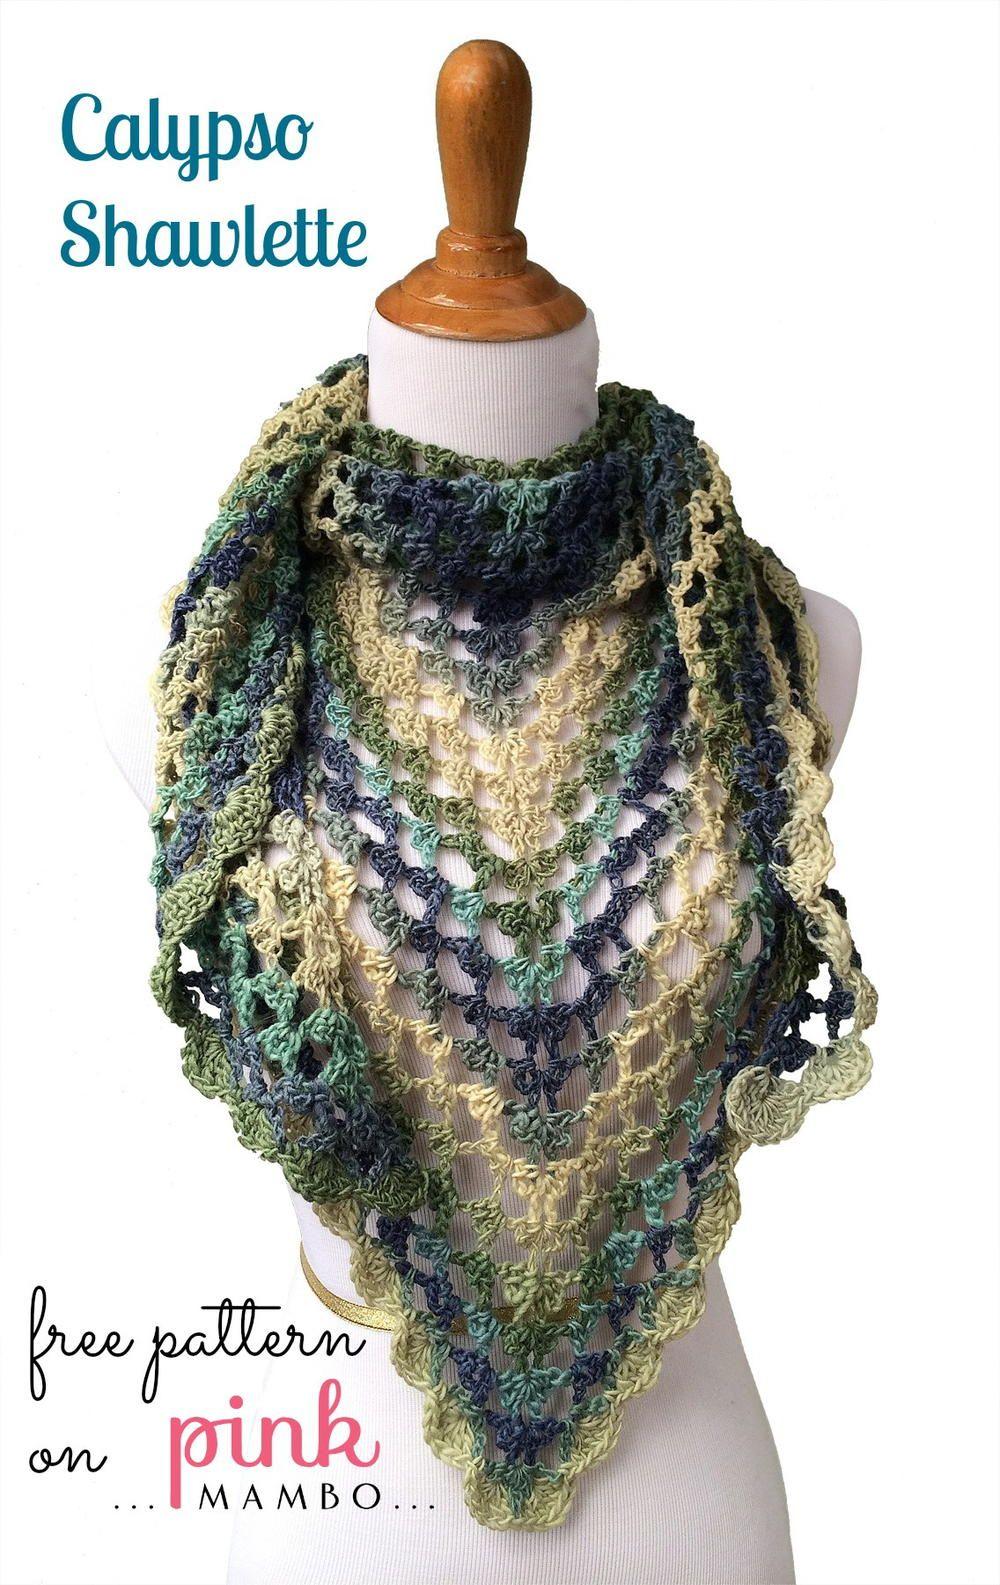 Asombroso Los Patrones De Crochet Libre Manto De Oración Imagen ...